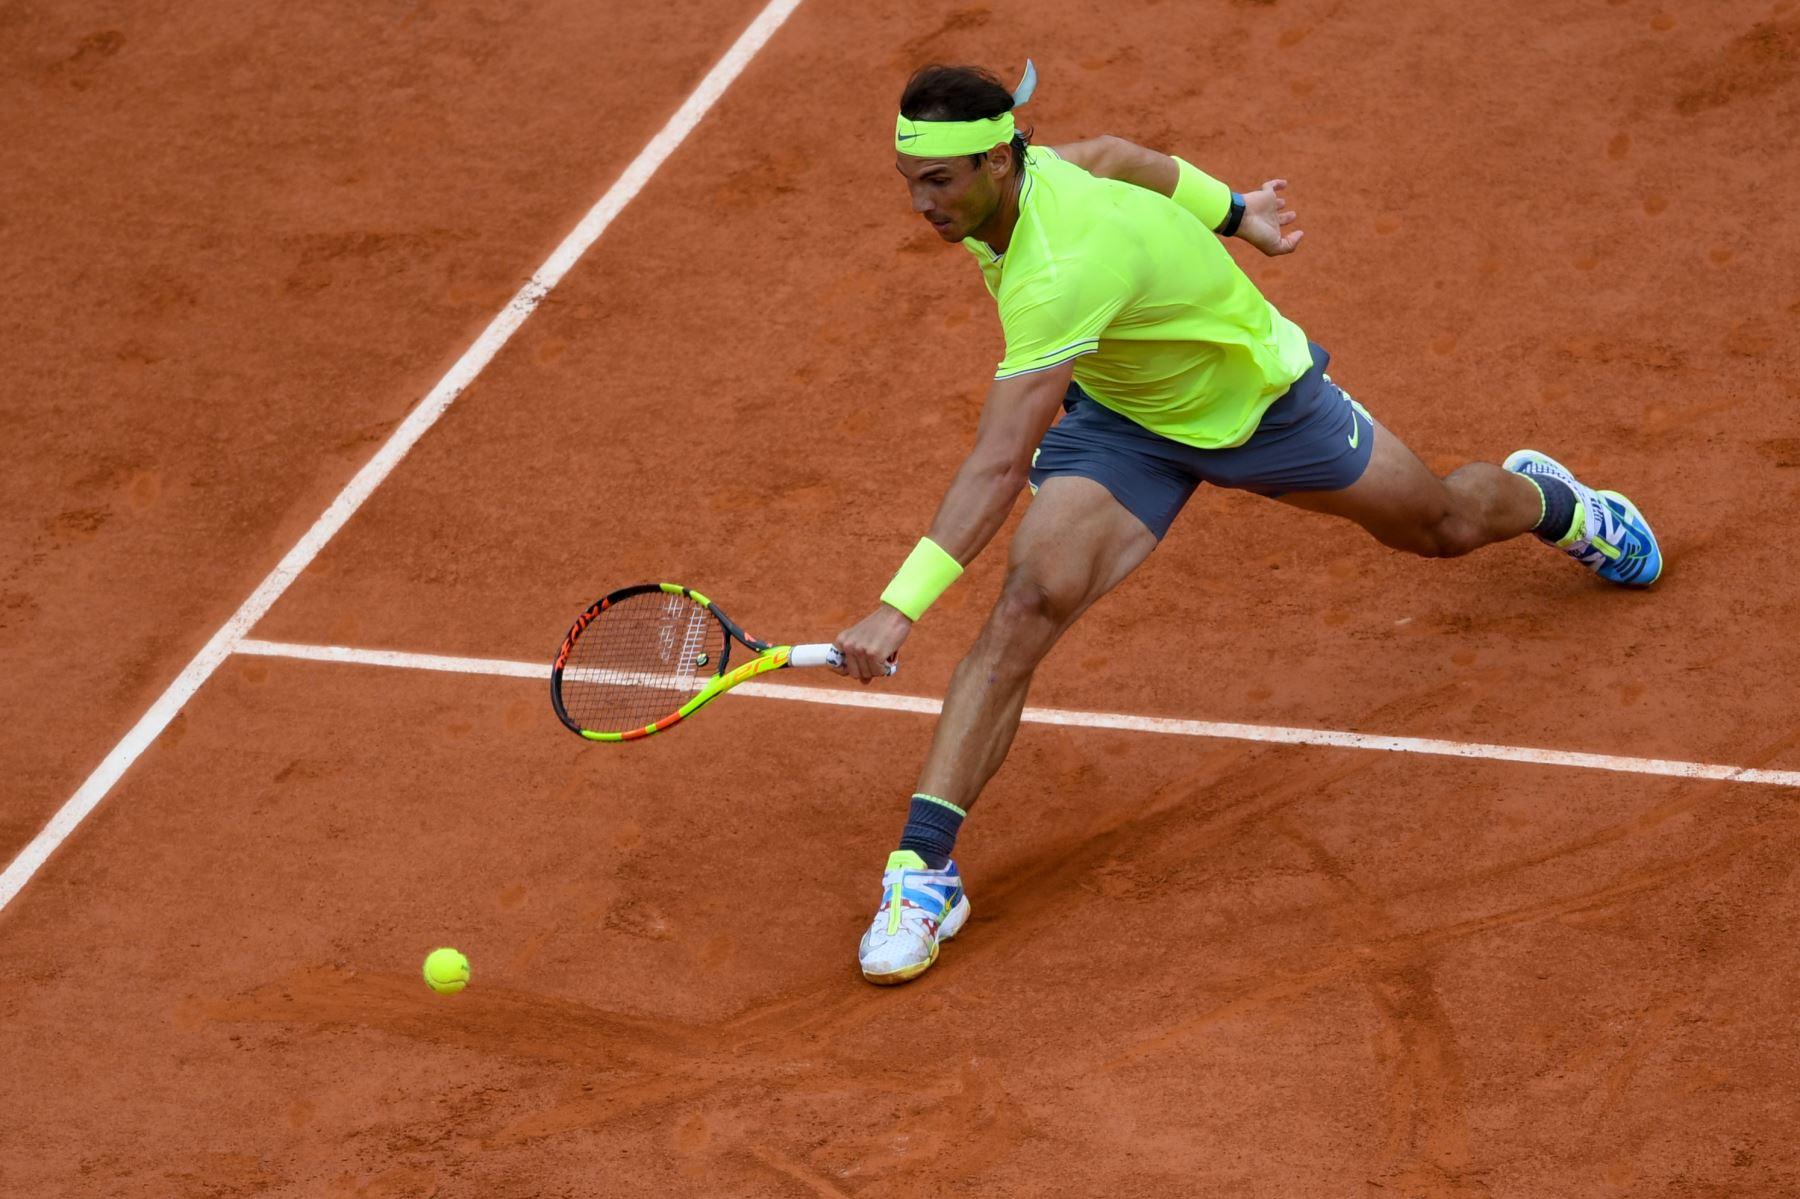 El español Rafael Nadal devuelve el balón a Austria Dominic Thiem durante el último partido de individuales masculino de tenis Roland Garros 2019. Foto:AFP